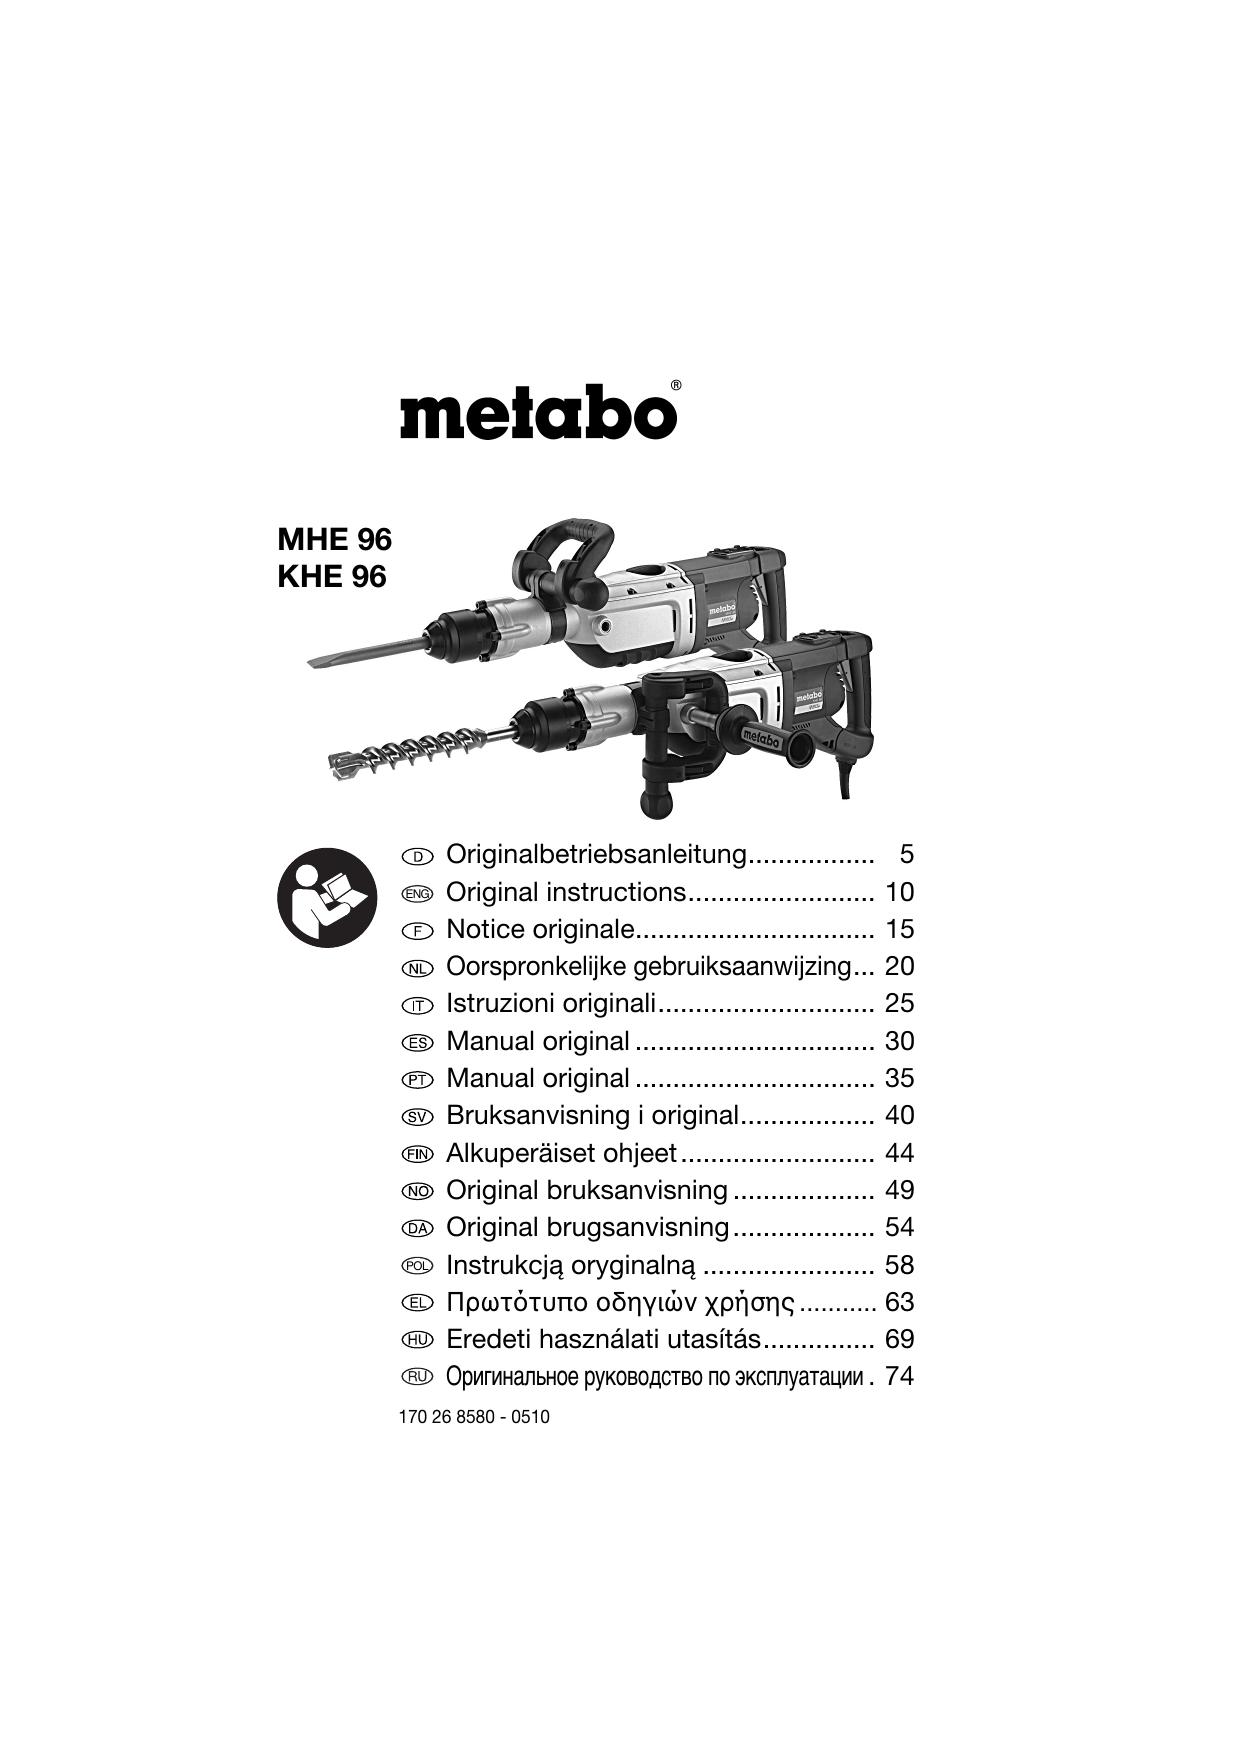 MHE 56 MHE 96 Kohlebürsten Metabo KHE 76